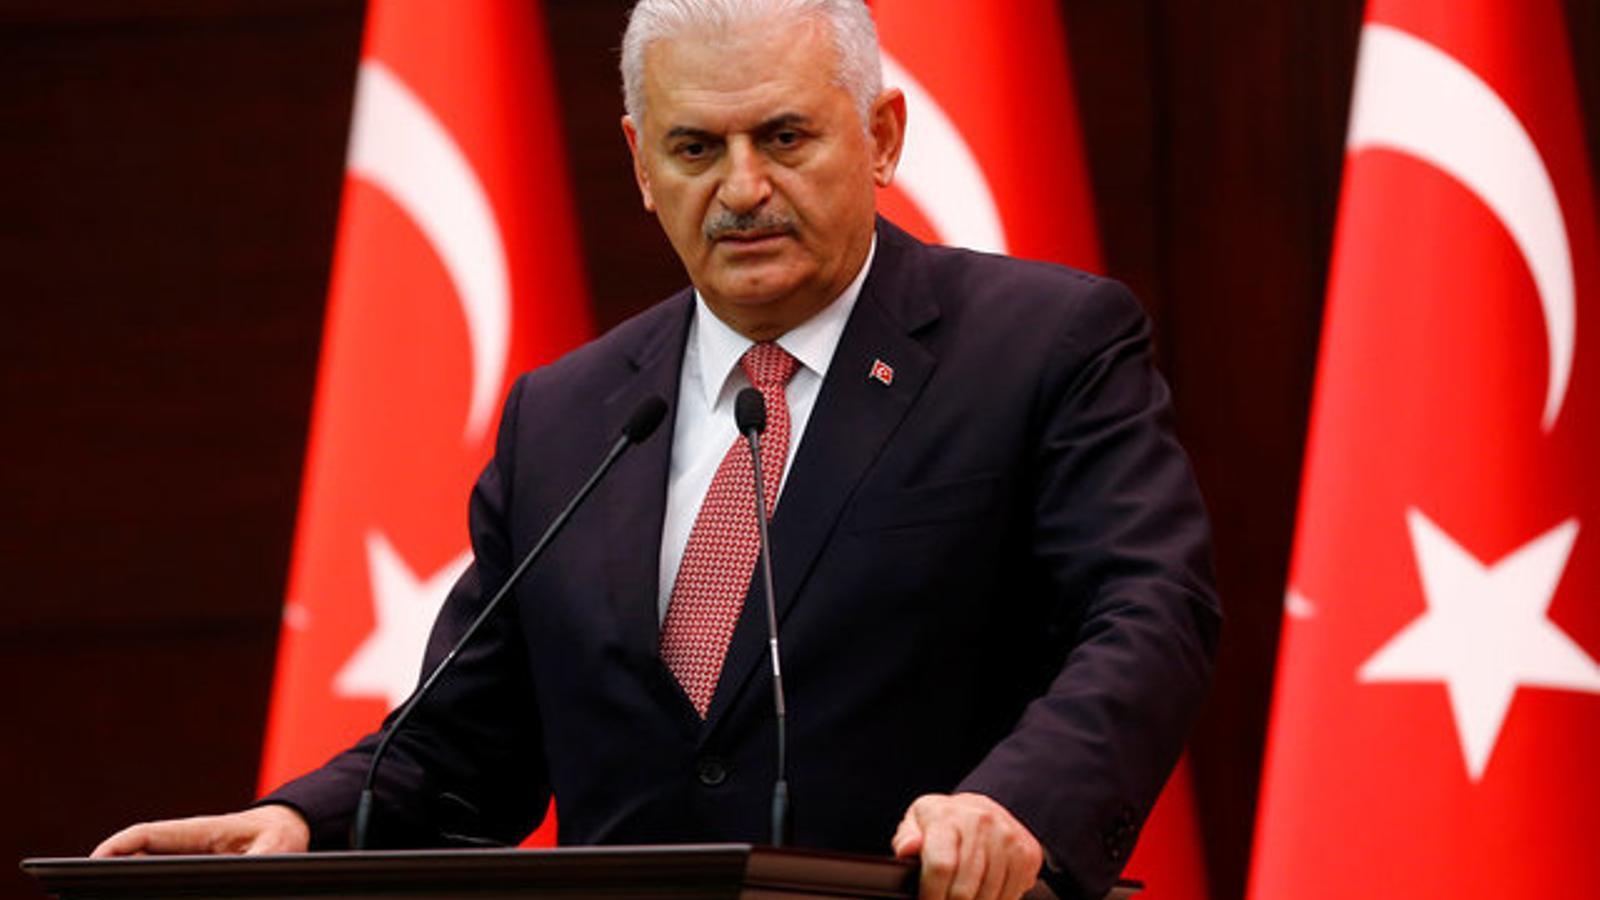 El primer ministre de Turquia, Binali Yildirim, compareix per explicar l'acord amb Israel.